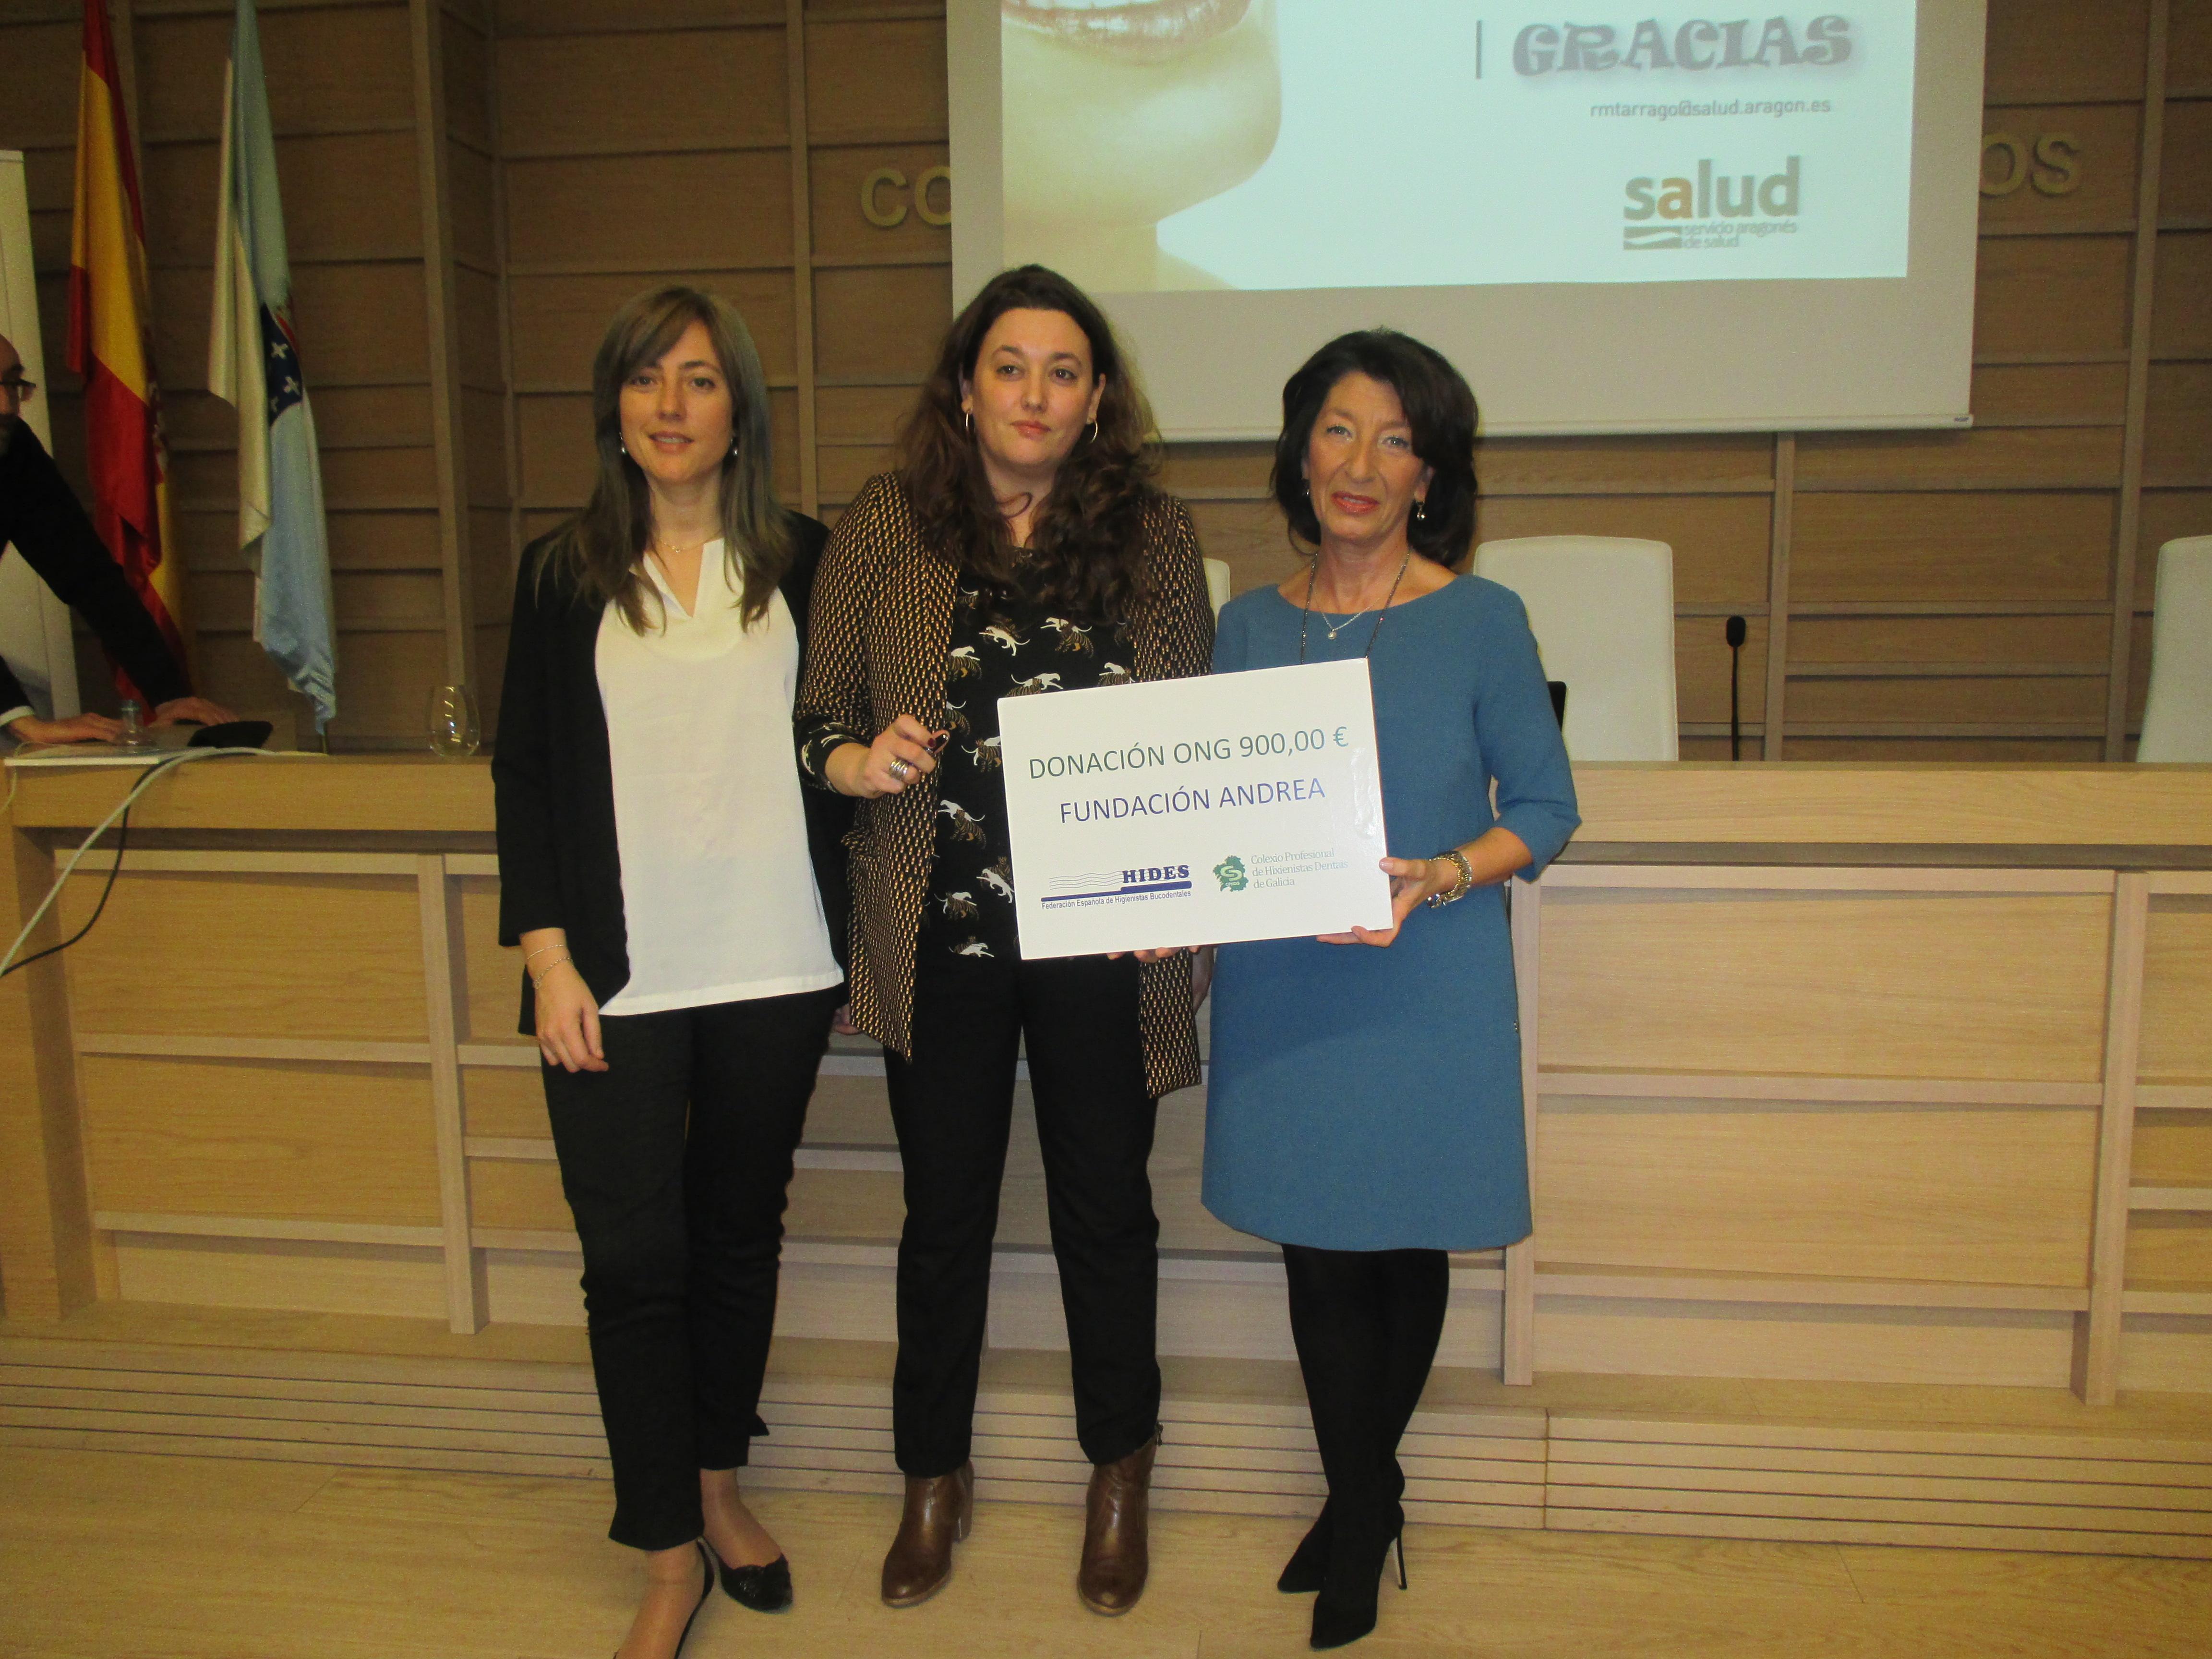 donación 900 € a la ong Funadación Andrea